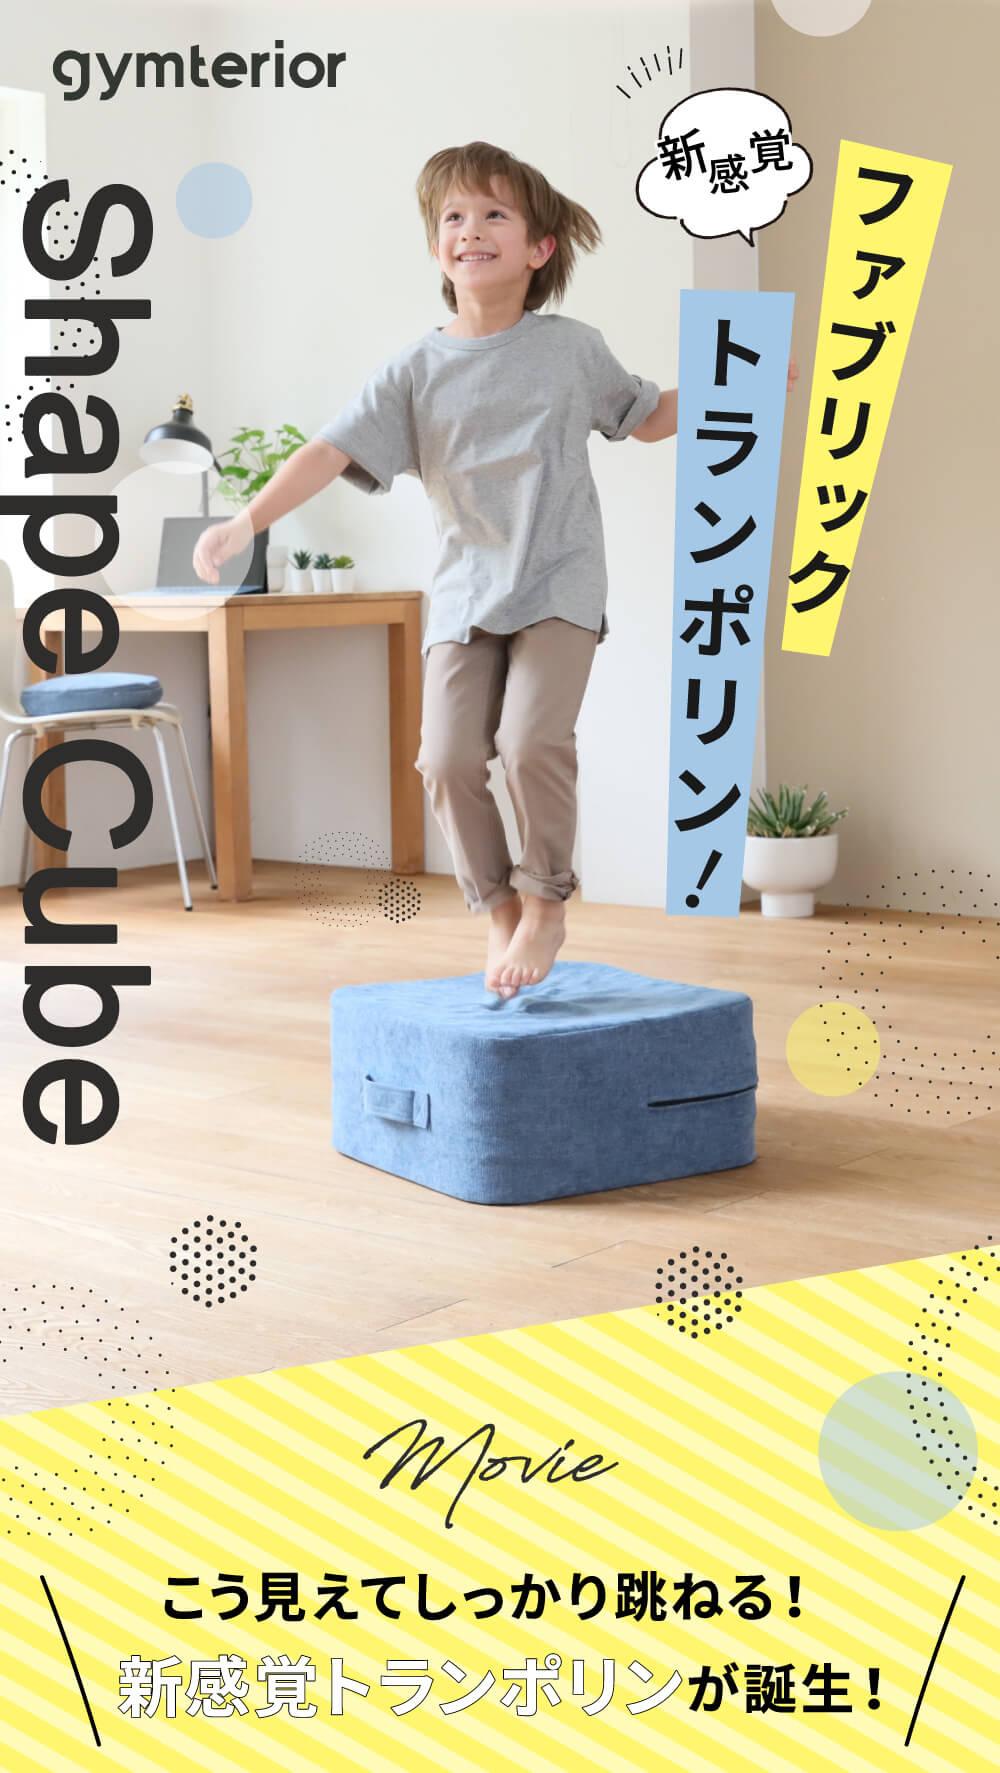 新感覚ファブリックトランポリン「シェイプキューブ」